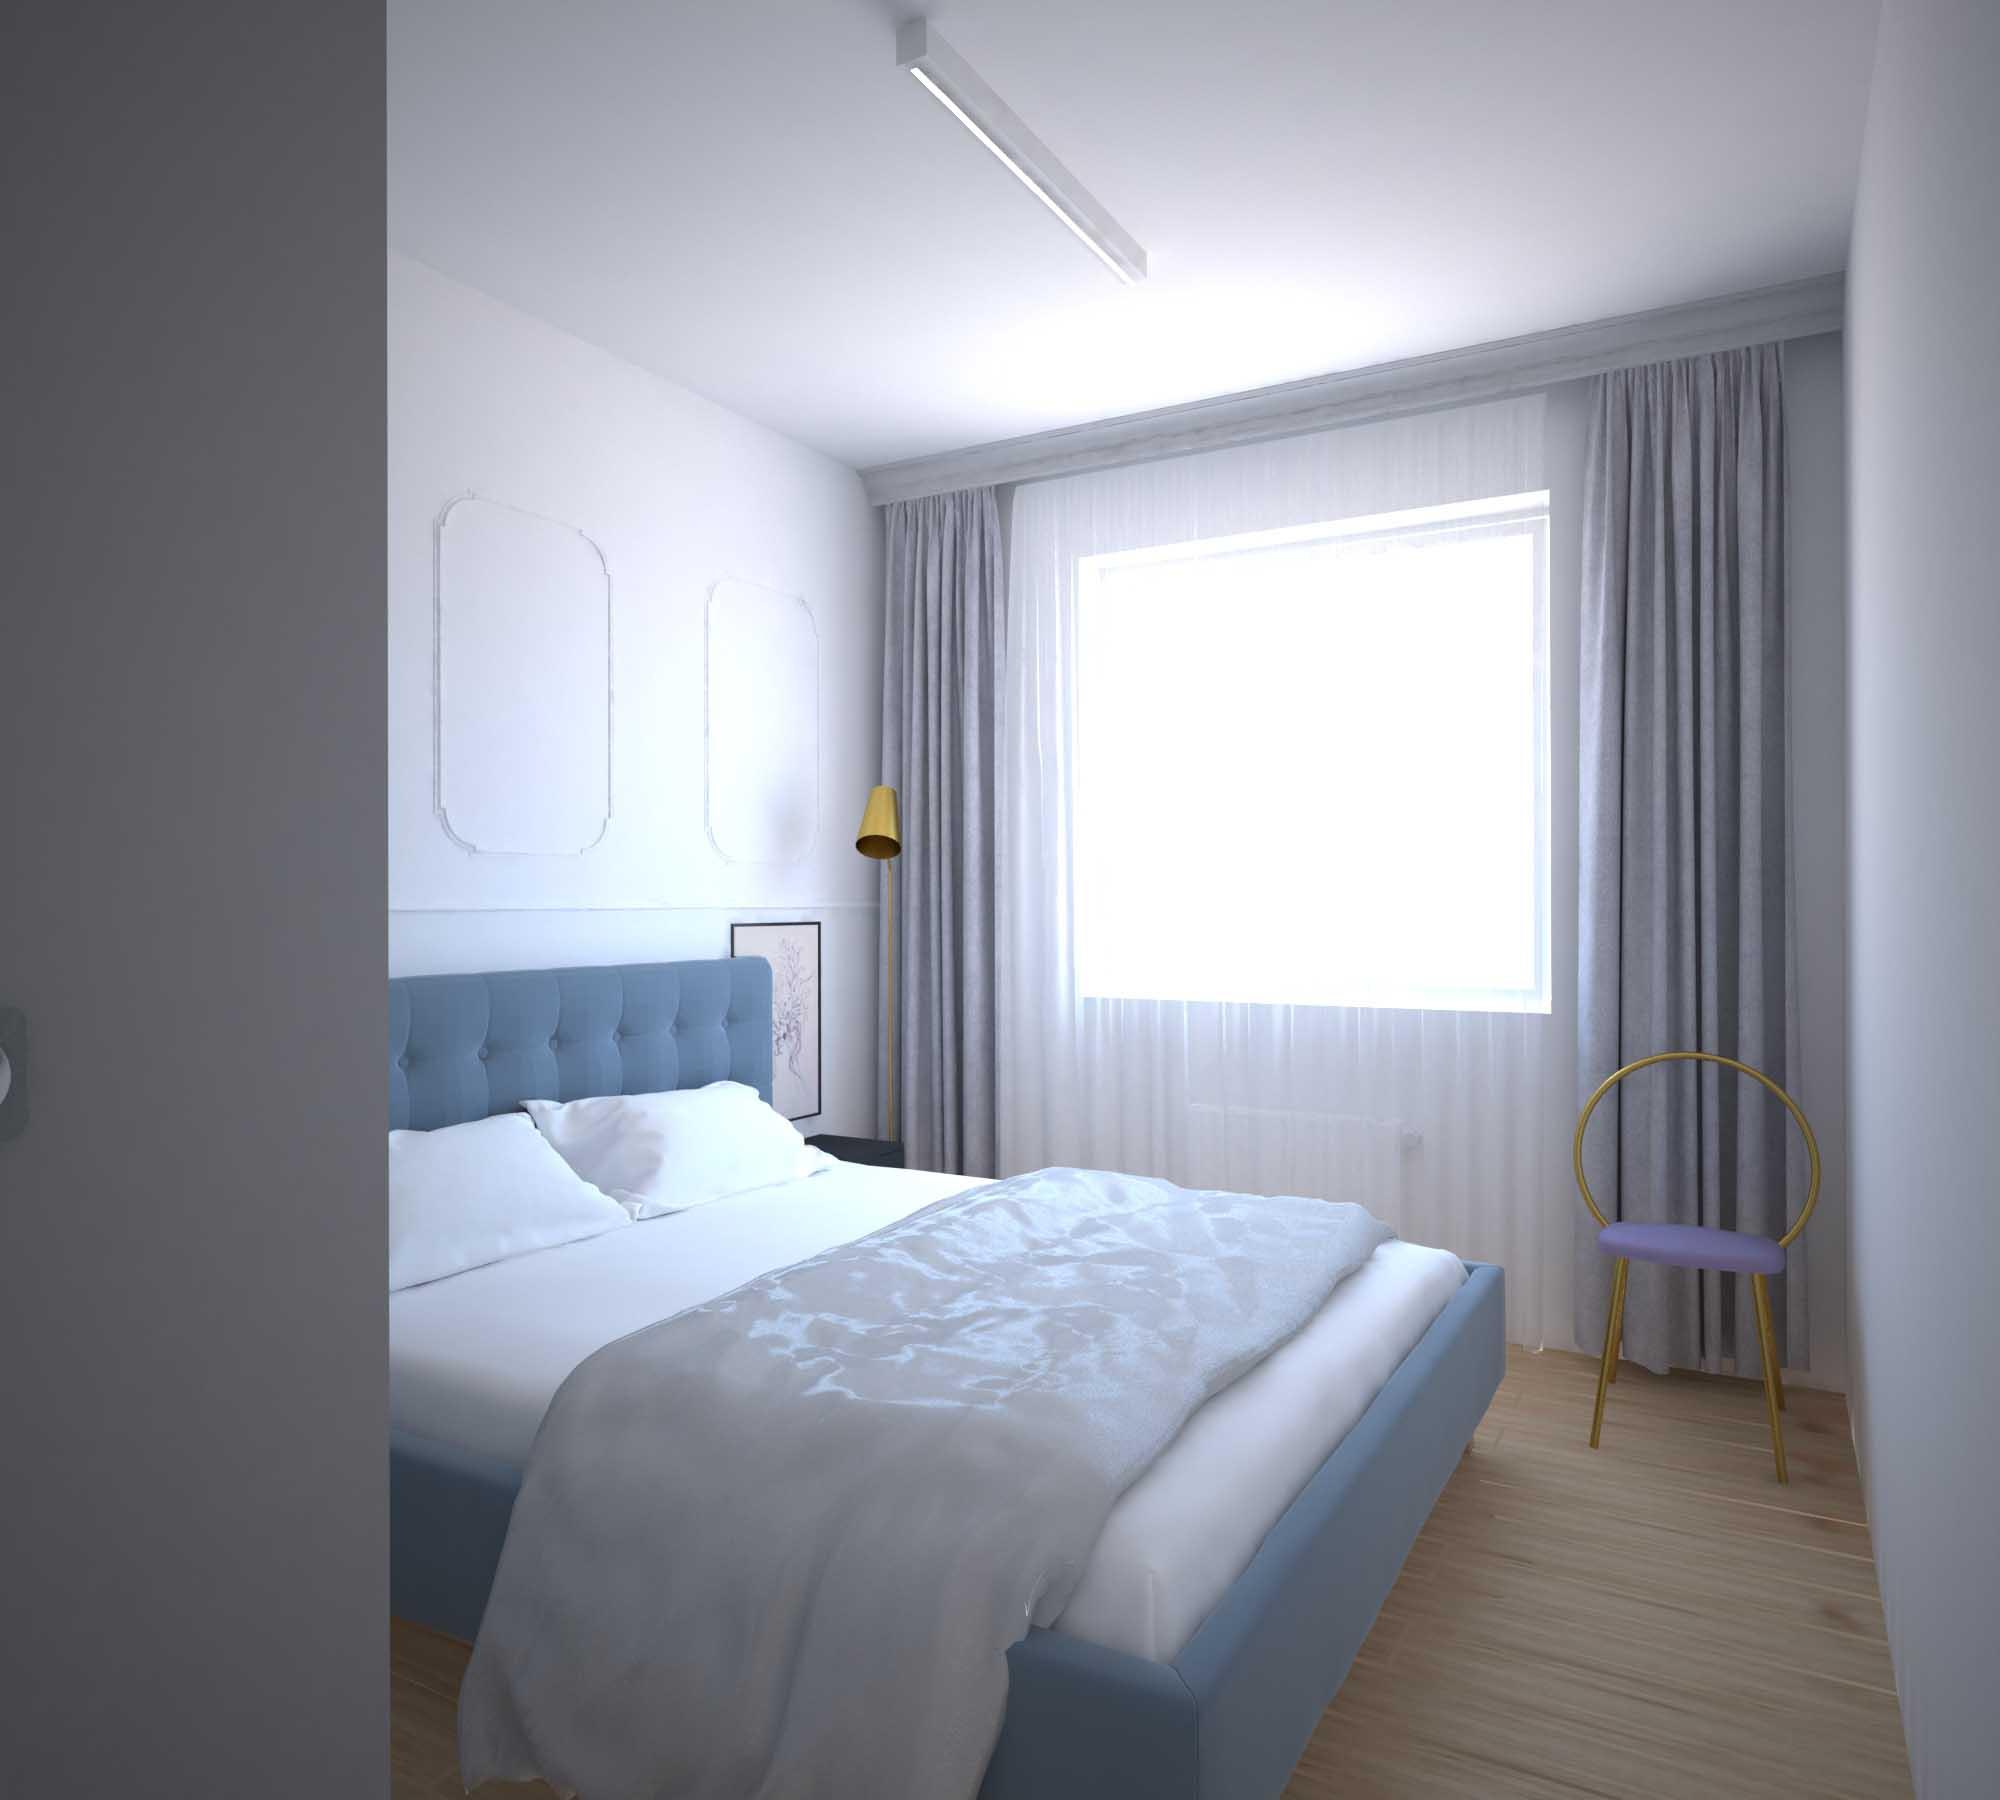 Projekt eleganckiej nowoczesnej jasnej sypialni